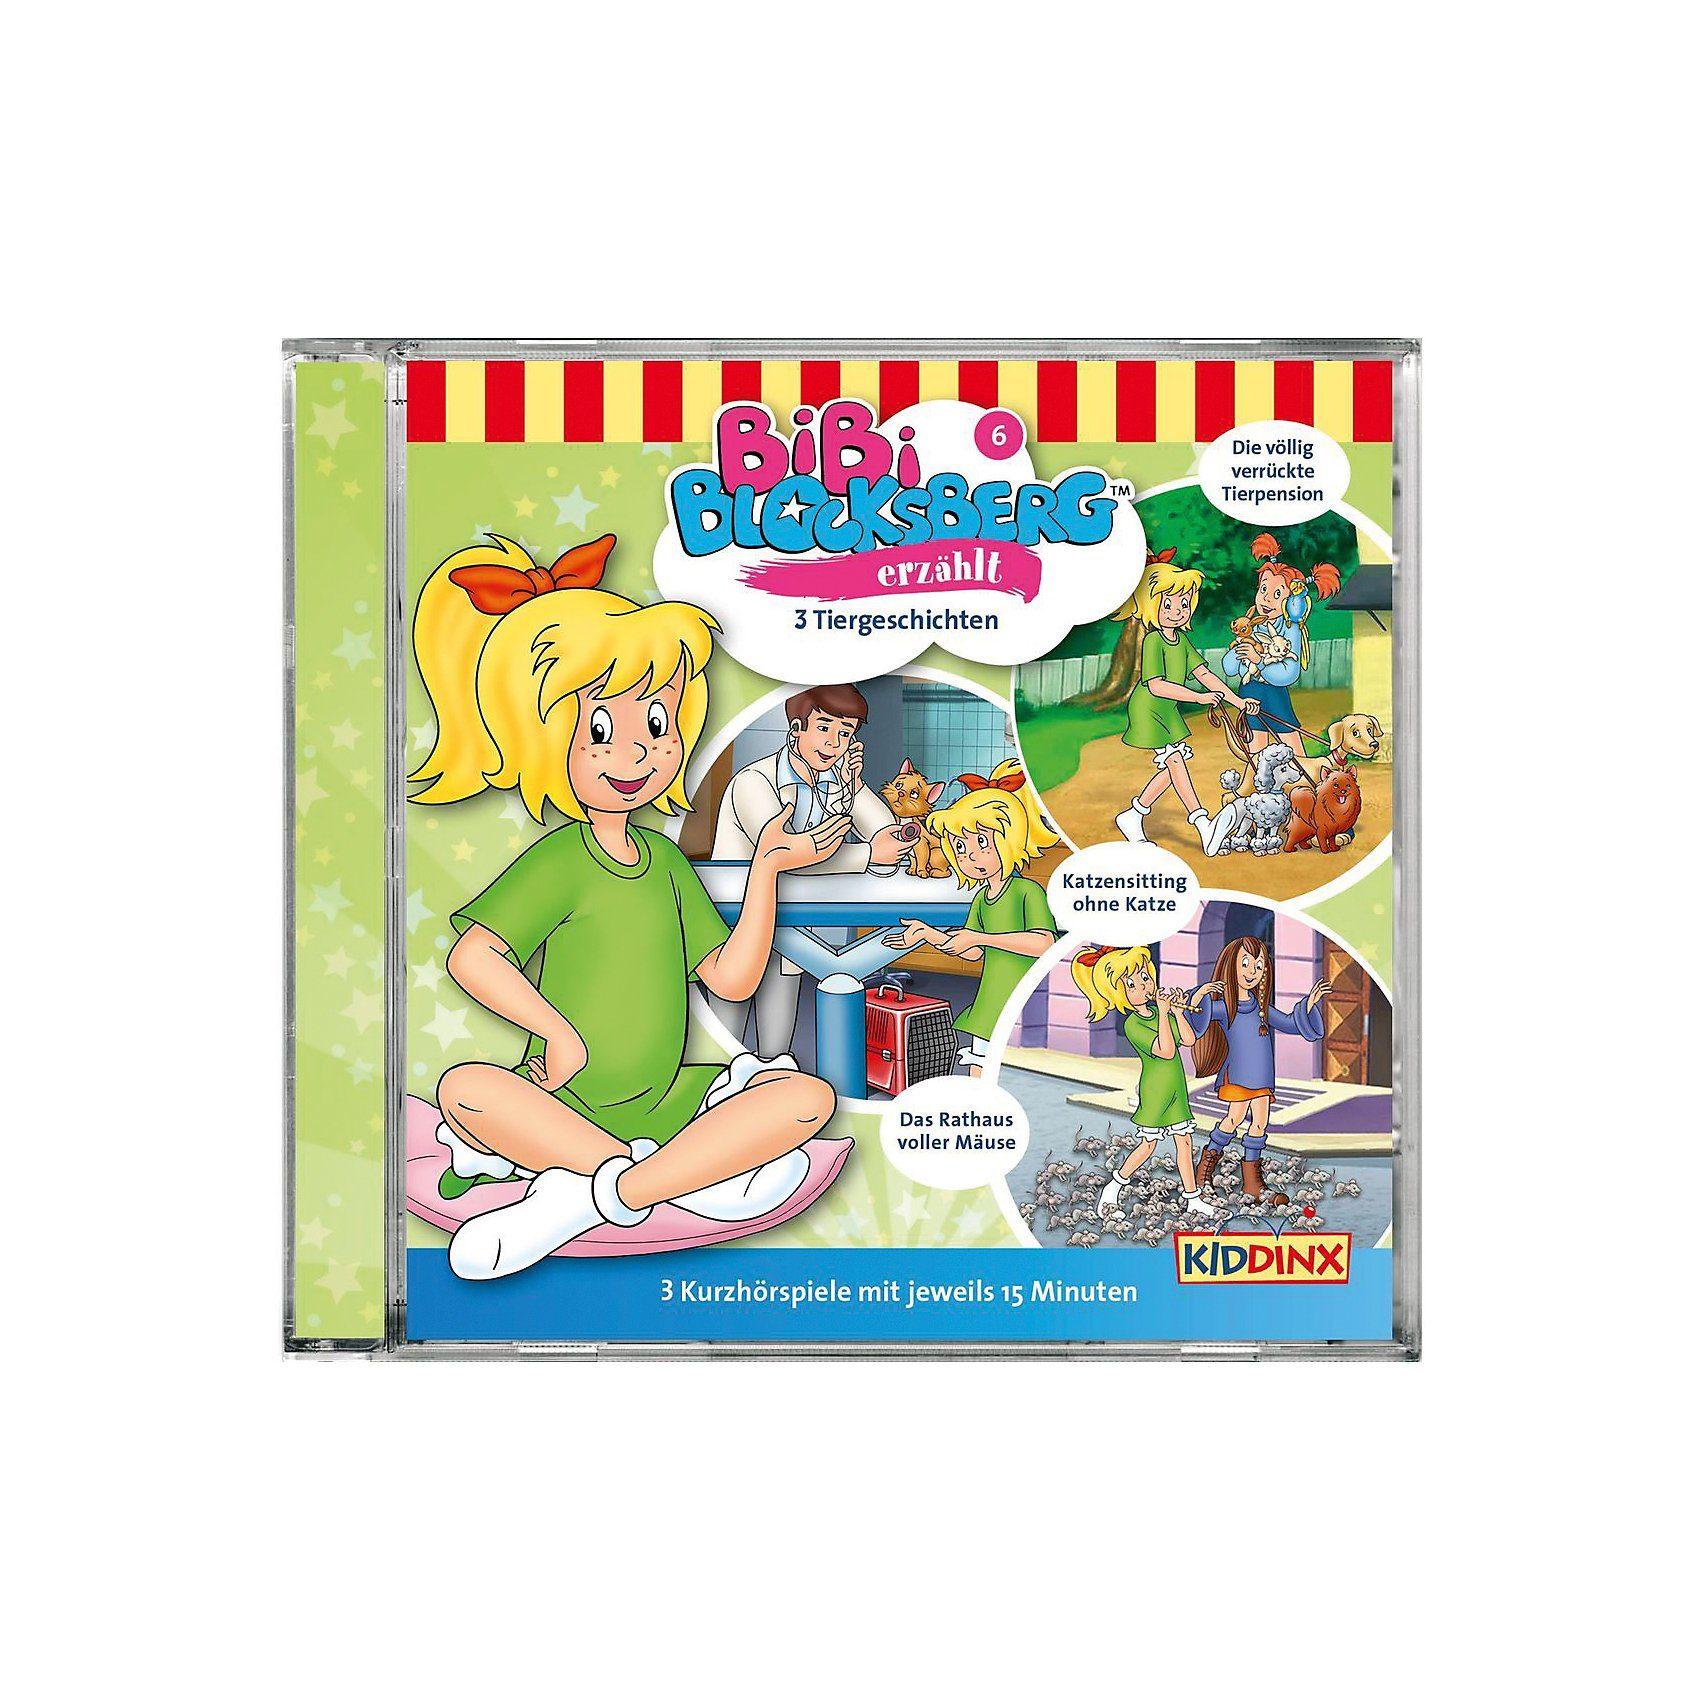 Kiddinx CD Bibi Blocksberg erzählt 3 Tiergeschichten